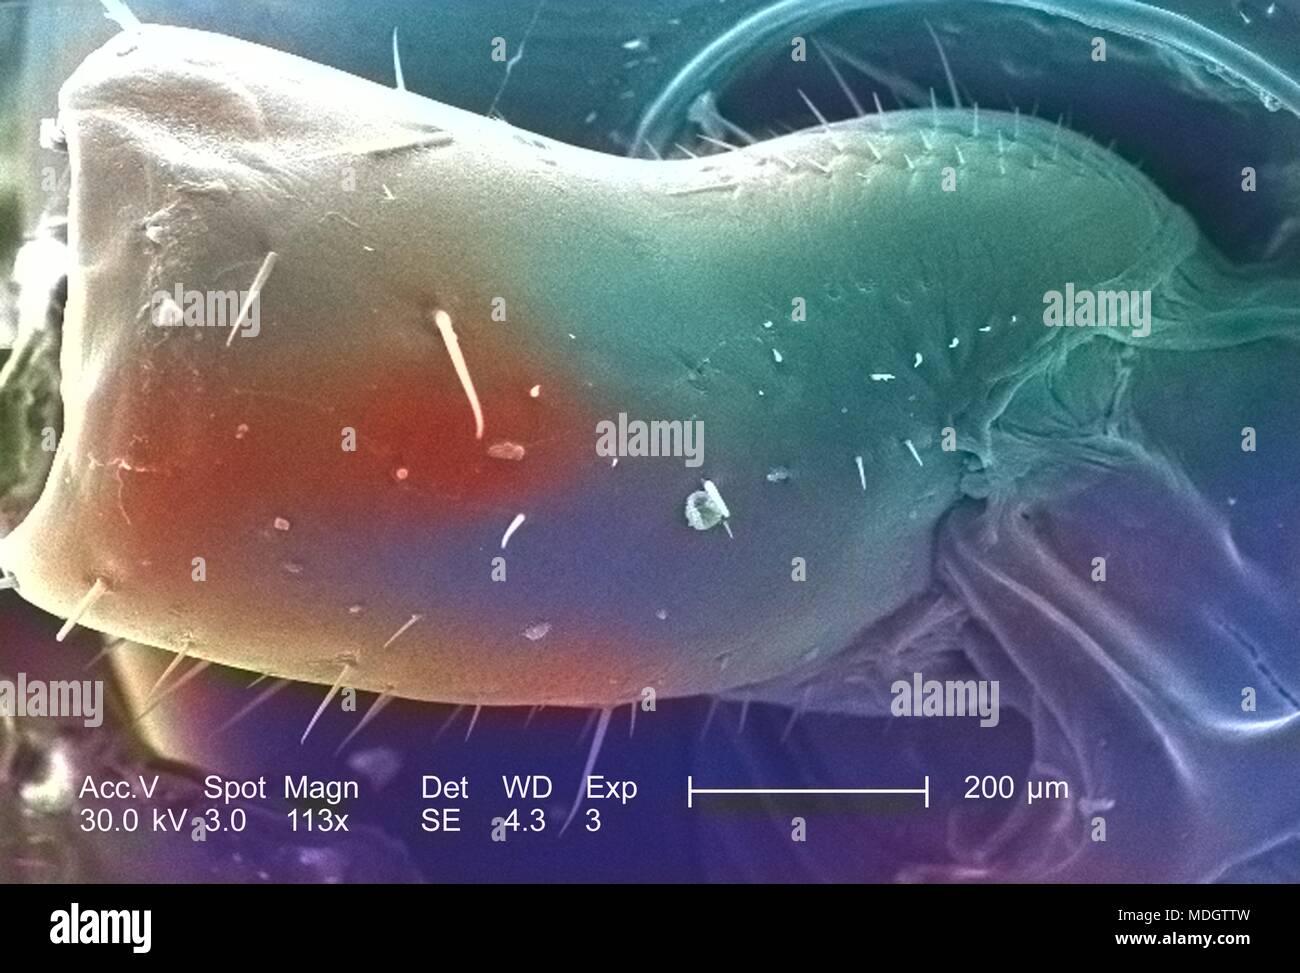 Erste Segment eines nicht identifizierten roach Leiter Region und Antenne, in der 113 x vergrößert Rasterelektronenmikroskopische (SEM) Bild 2005 dargestellt. Mit freundlicher Seuchenkontrollzentren (CDC)/Janice Haney Carr. Hinweis: Das Bild hat digital über ein modernes Prozess eingefärbt worden. Farben können nicht wissenschaftlich korrekt sein. () Stockbild